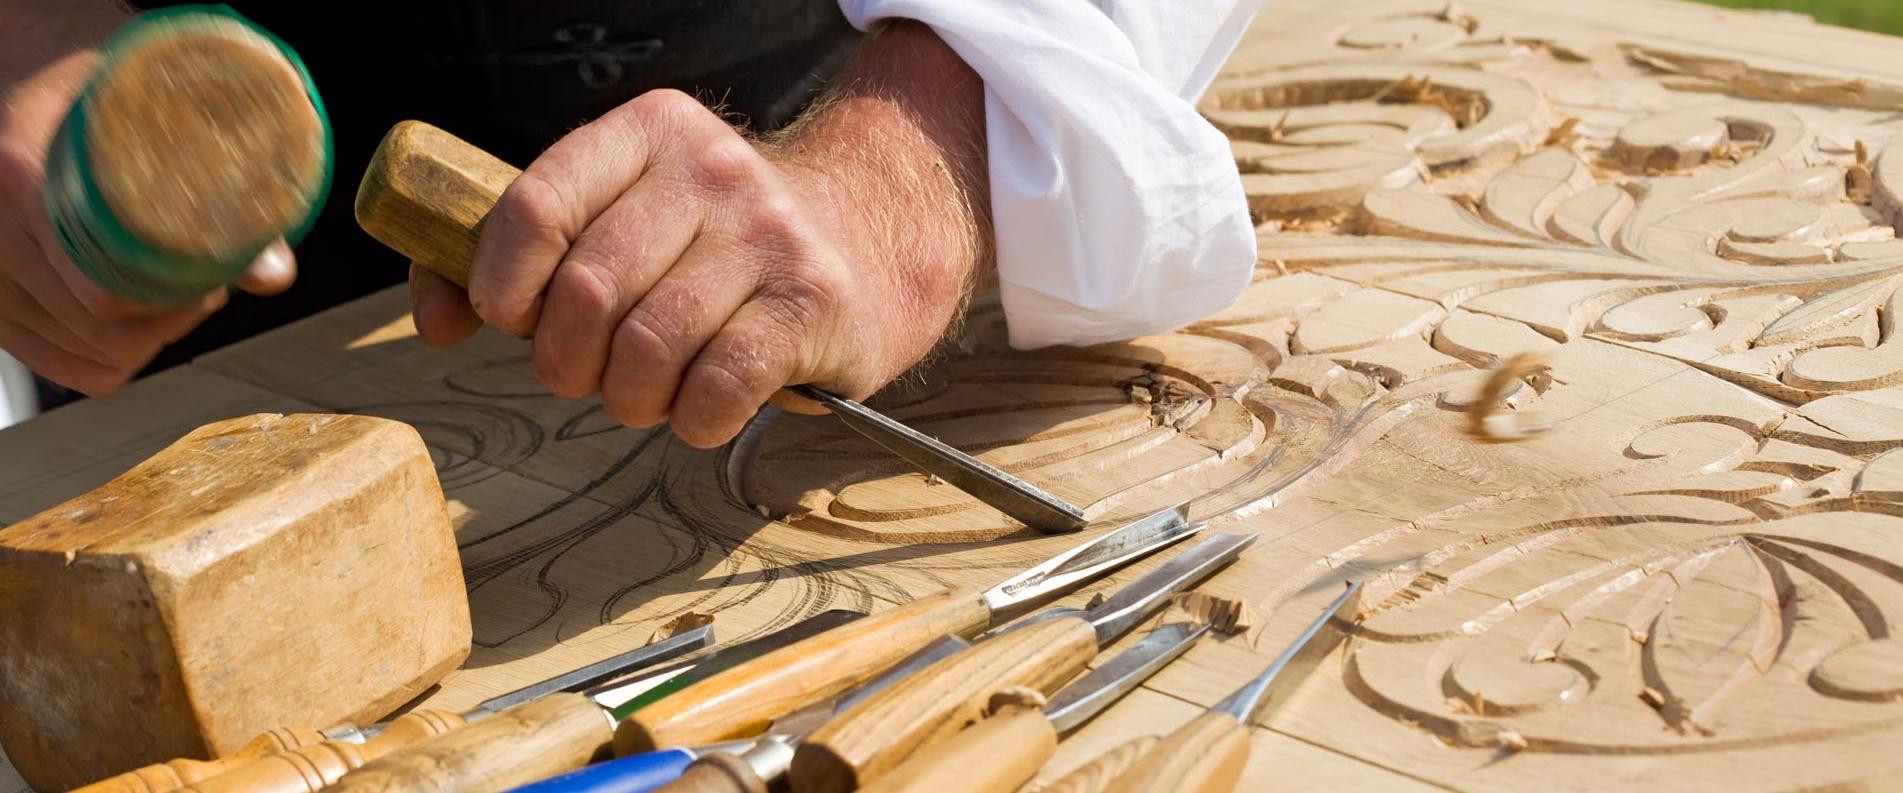 Резьба по дереву и изготовление традиционной мебели